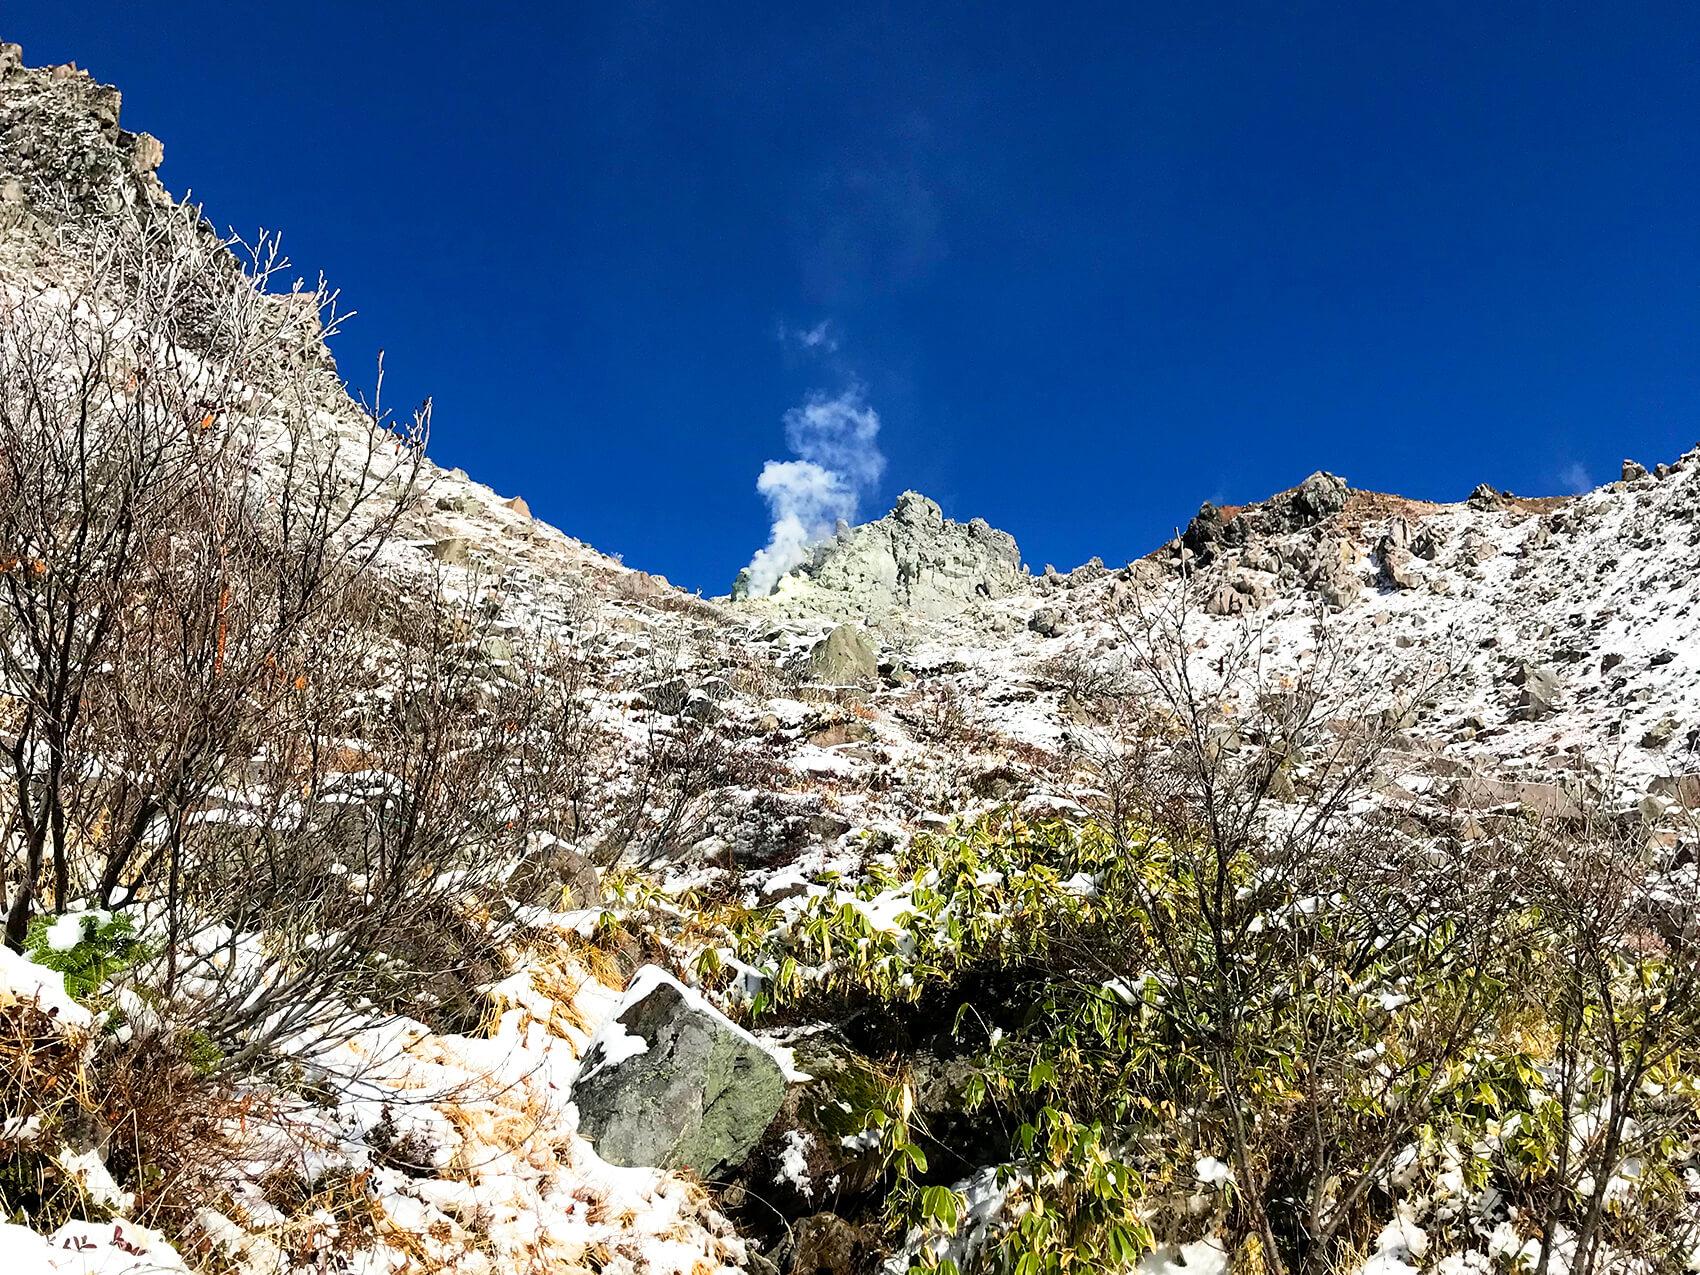 上高地の名所  北アルプス唯一の活火山 焼岳北峰